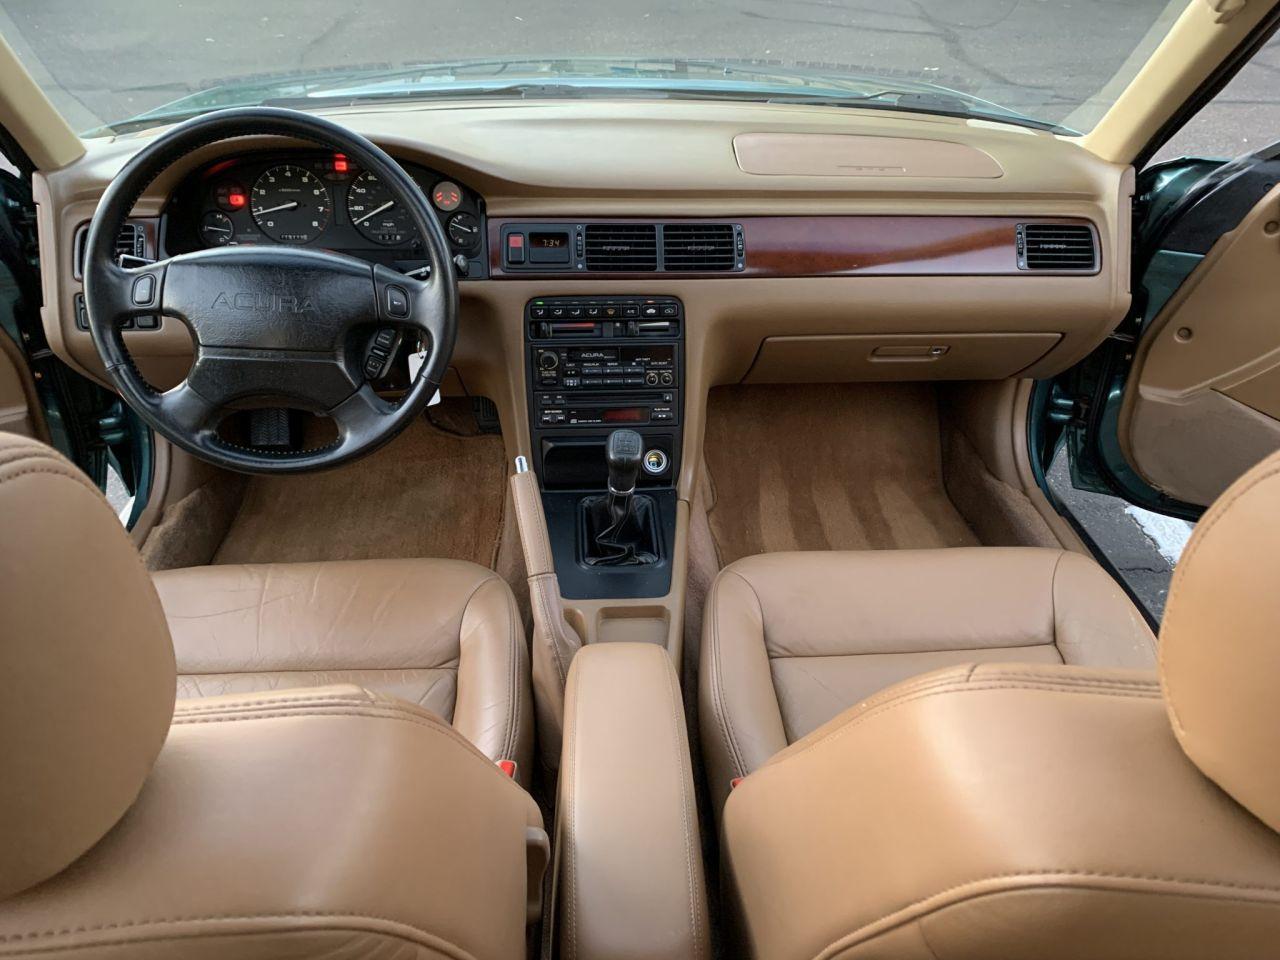 Honda / Acura Vigor GS 2.5L de 1994 - 5 cylindres dans une Honda ! 3